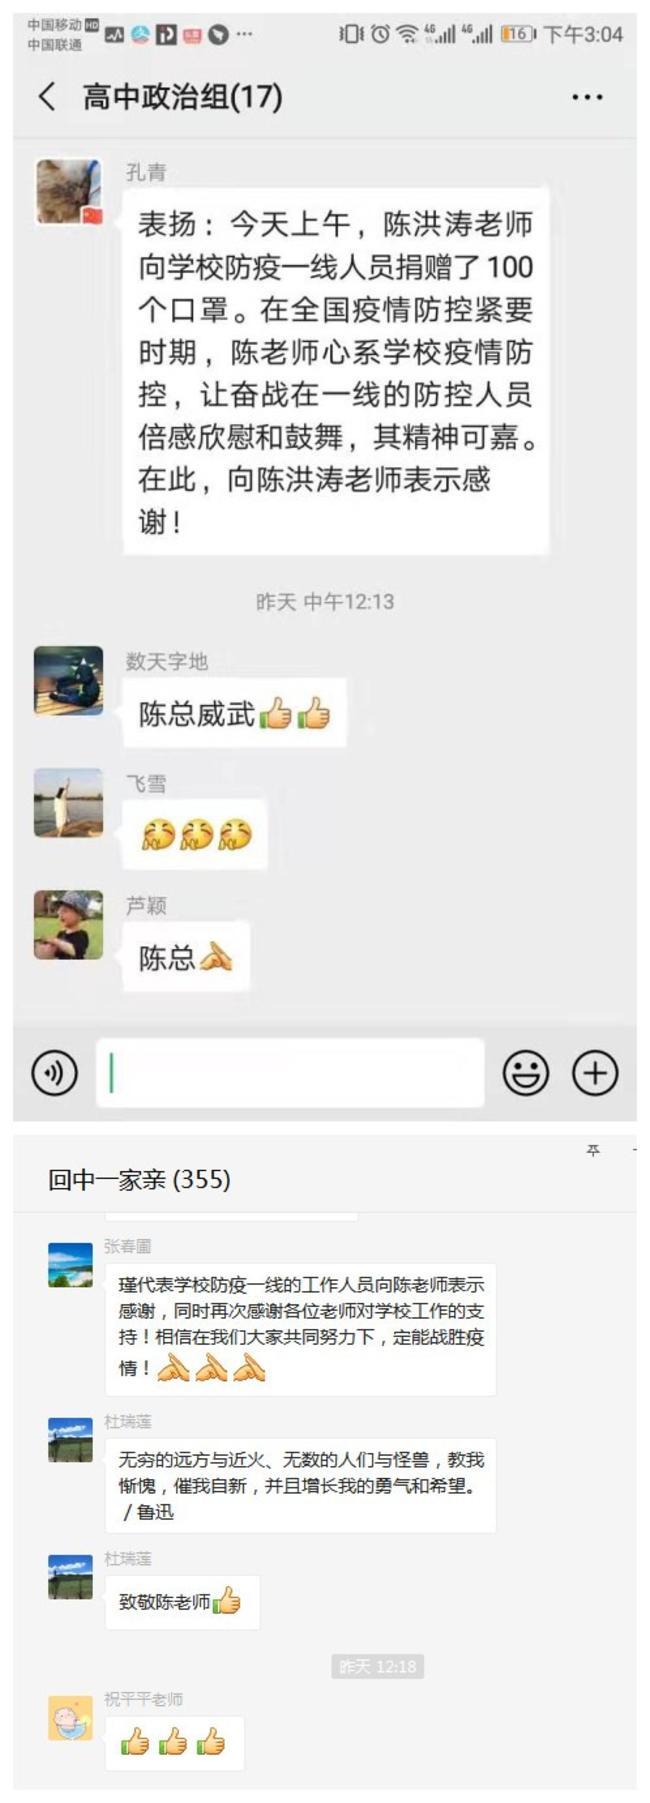 2陈洪涛老师的行为感动了每一位回中人